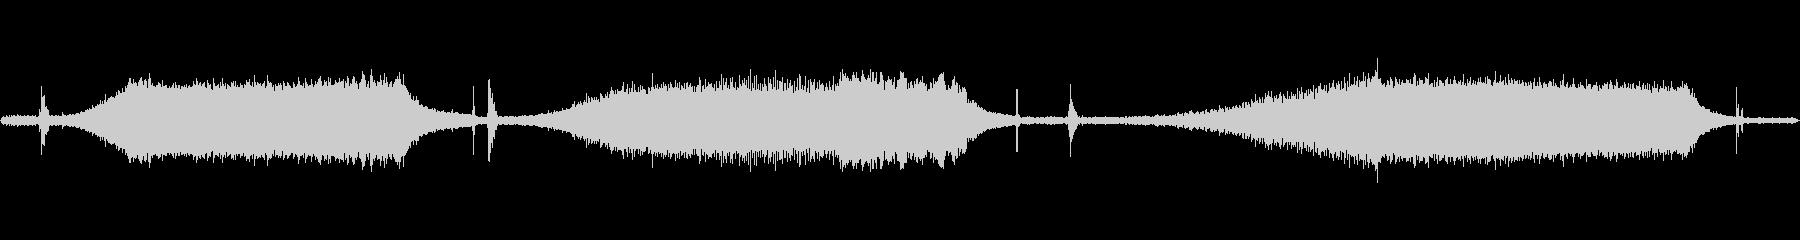 テープデッキ:ソレノイドスイッチと...の未再生の波形